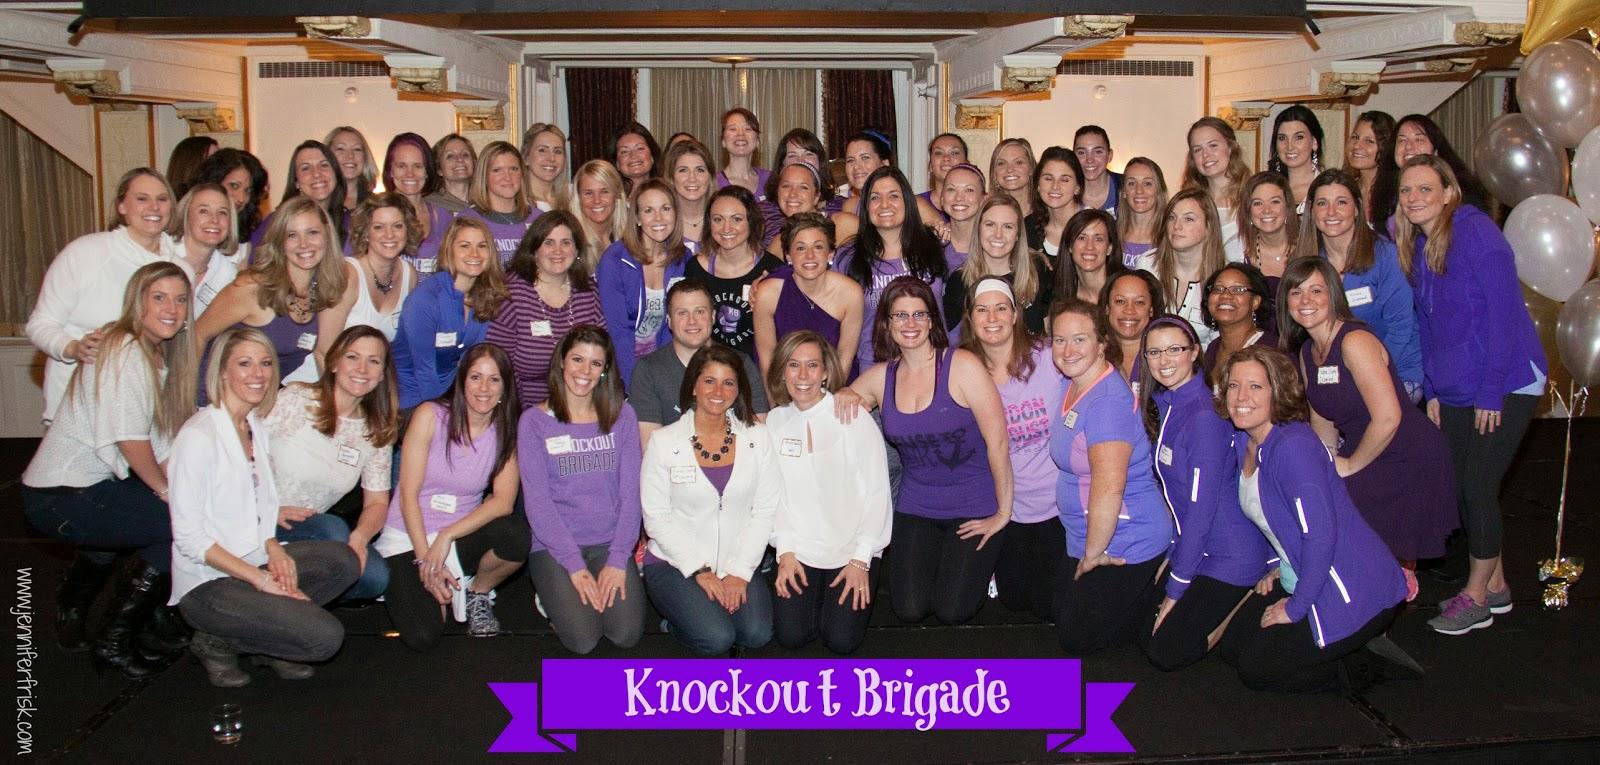 Knockout Brigade